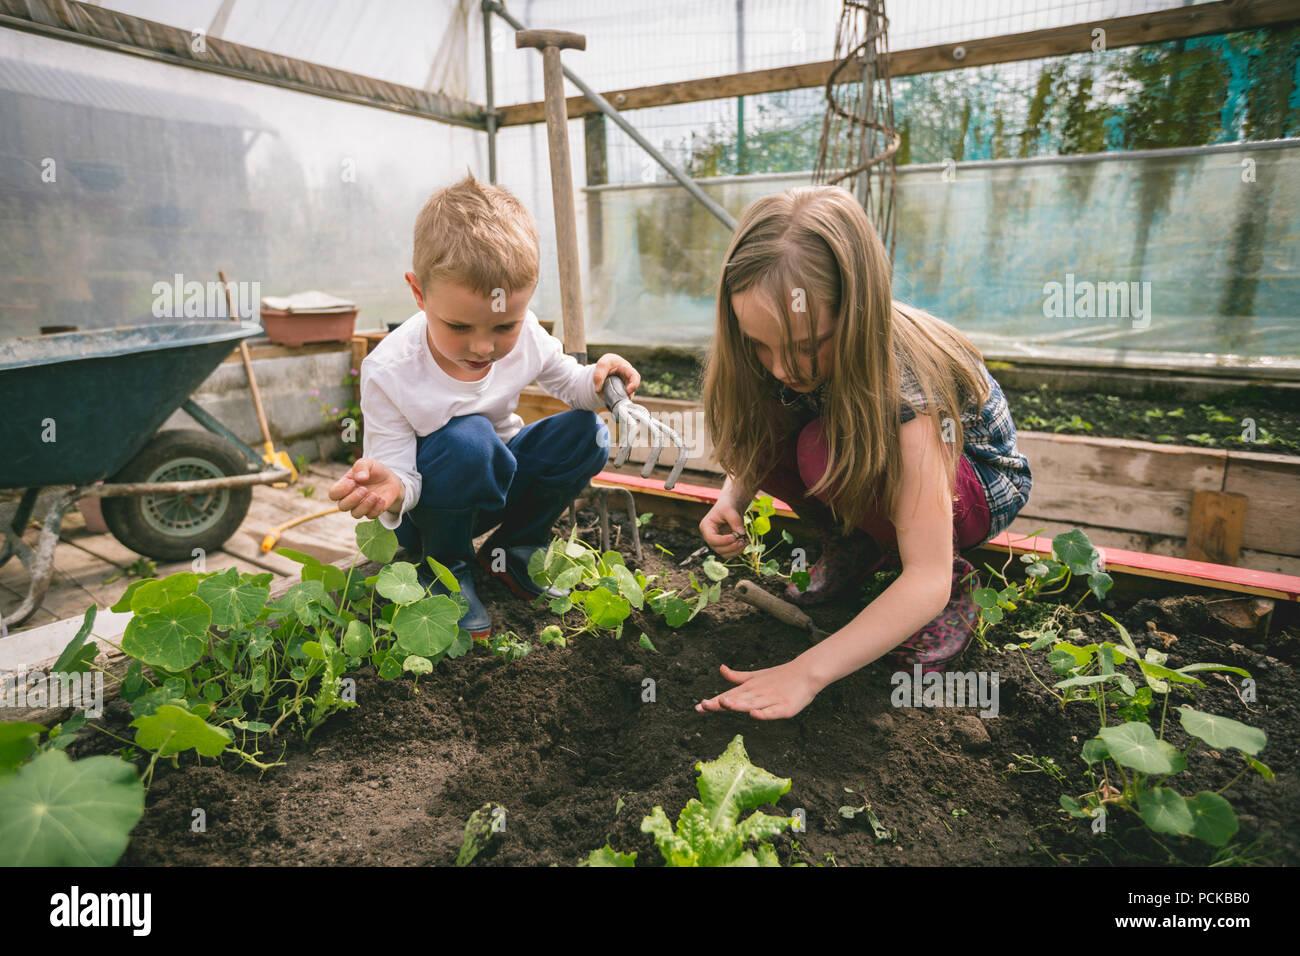 Kinder im Garten arbeiten im Gewächshaus Stockbild